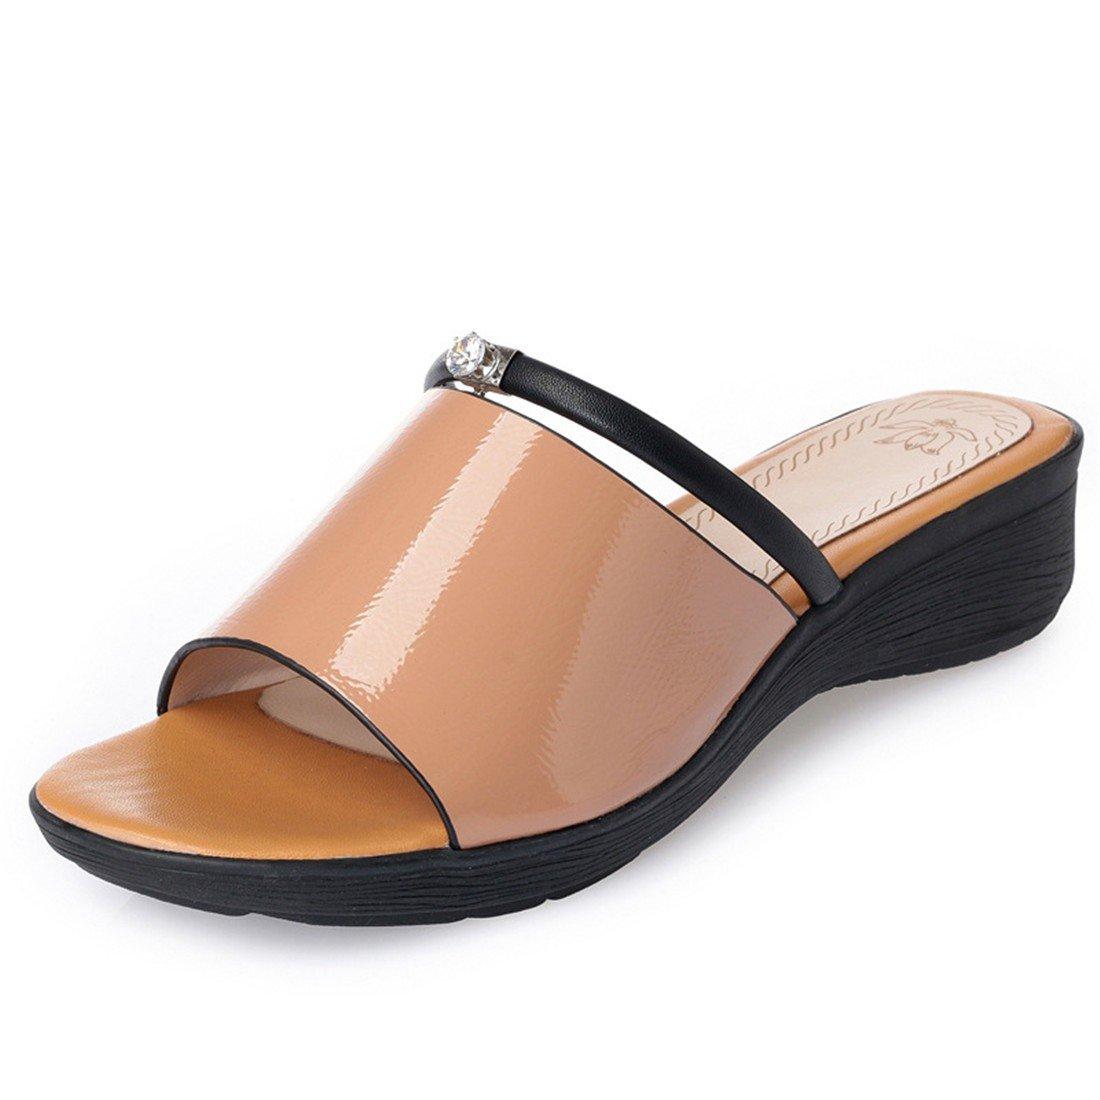 Damas Sandalias, Fondo Grueso Zapatillas, Gran Mollete Zapatos, Zapatos de Playa,Amarillo,Treinta y Siete US6.5-7 / EU37 / UK4.5-5 / CN37|yellow